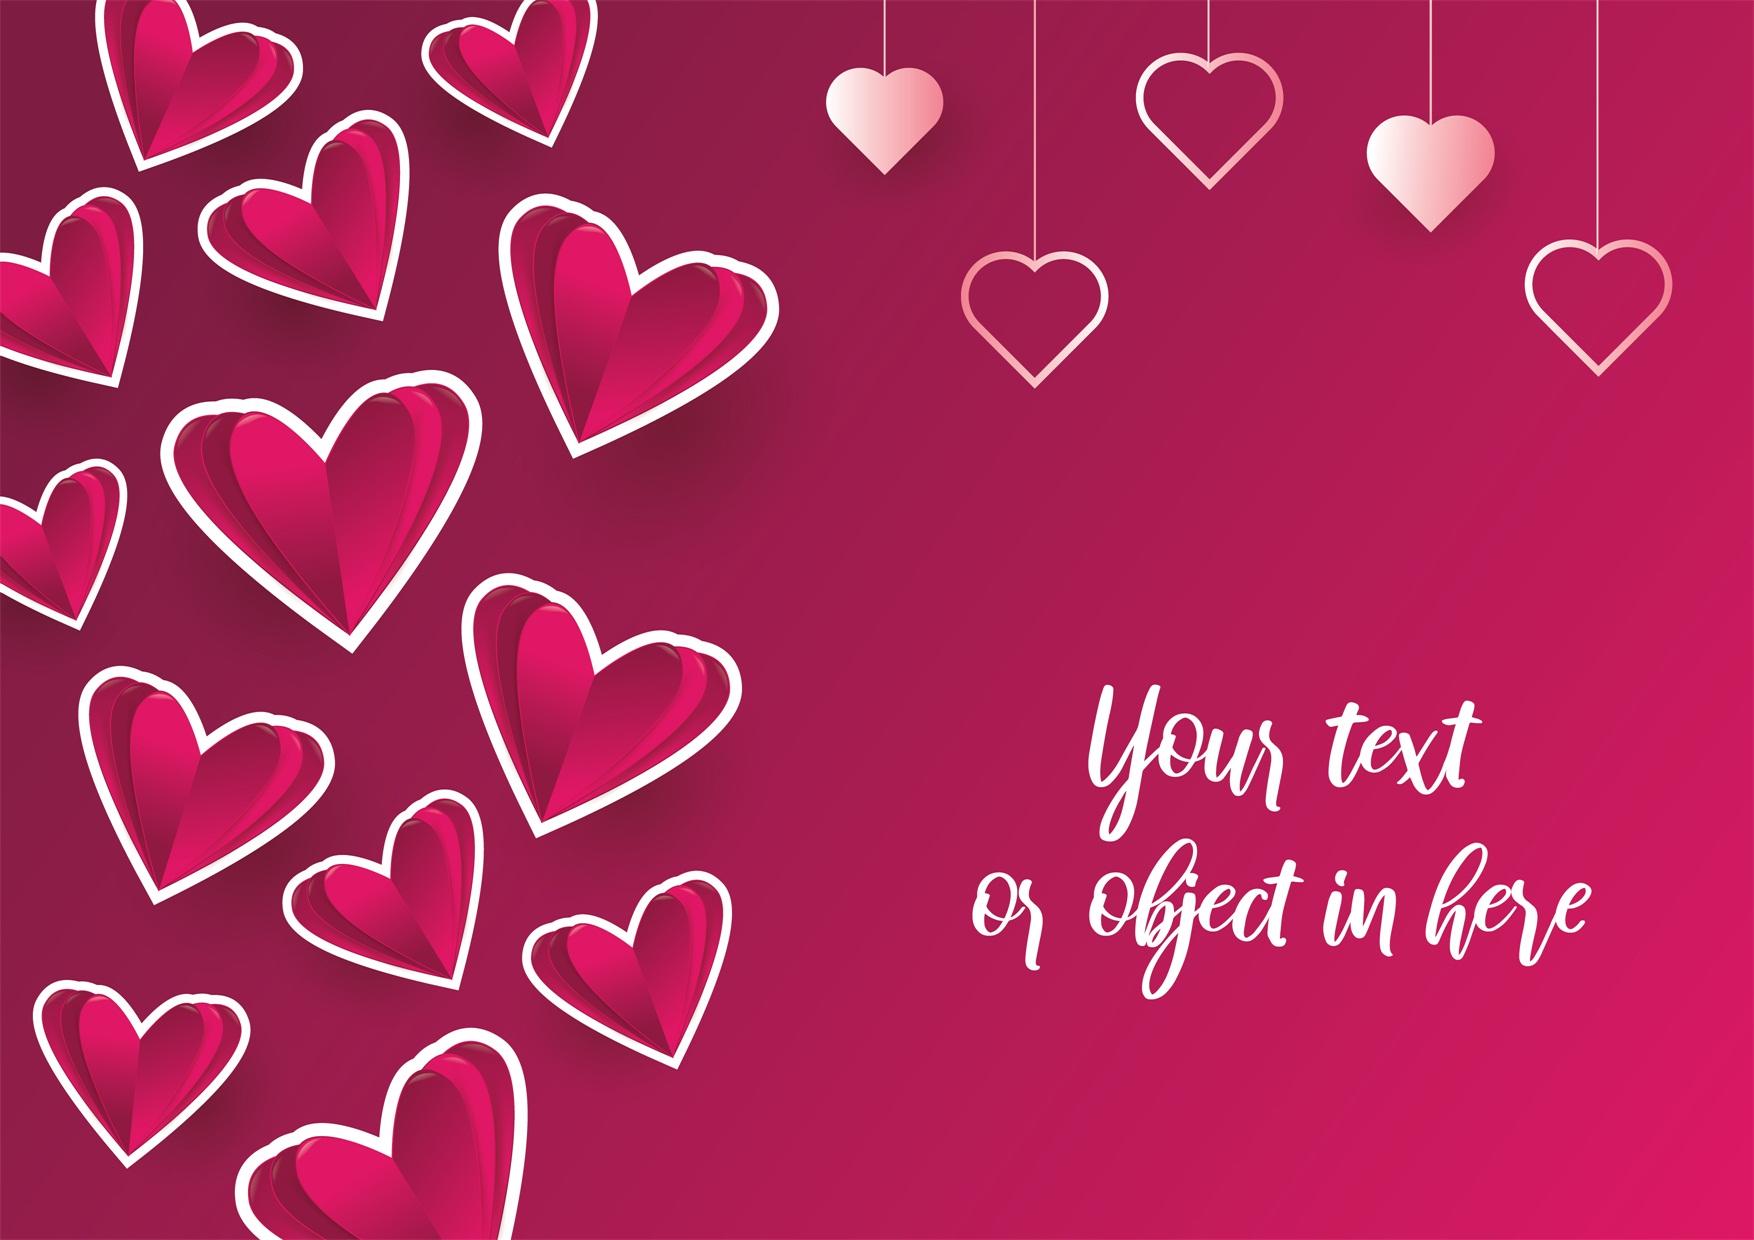 22款情人节七夕节购物促销海报传单设计AI矢量素材 Valentines day Poster Vector Material插图12